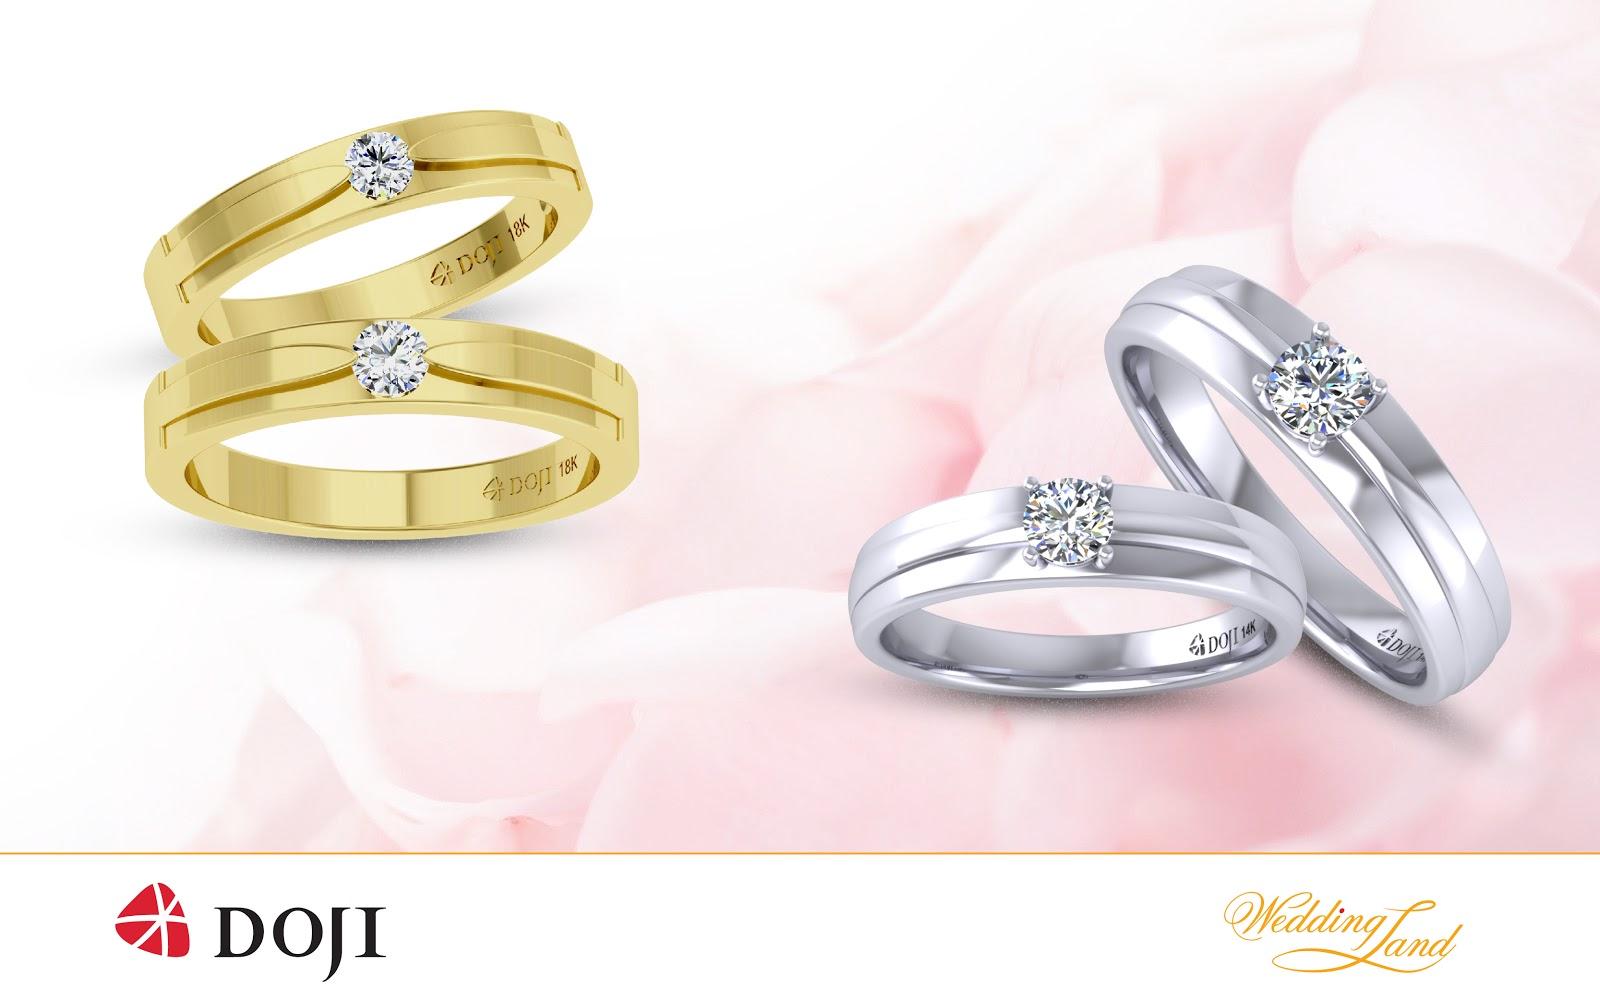 Nhẫn cưới DOJI, giảm giá sâu, trúng thưởng lớn - Ảnh 4.